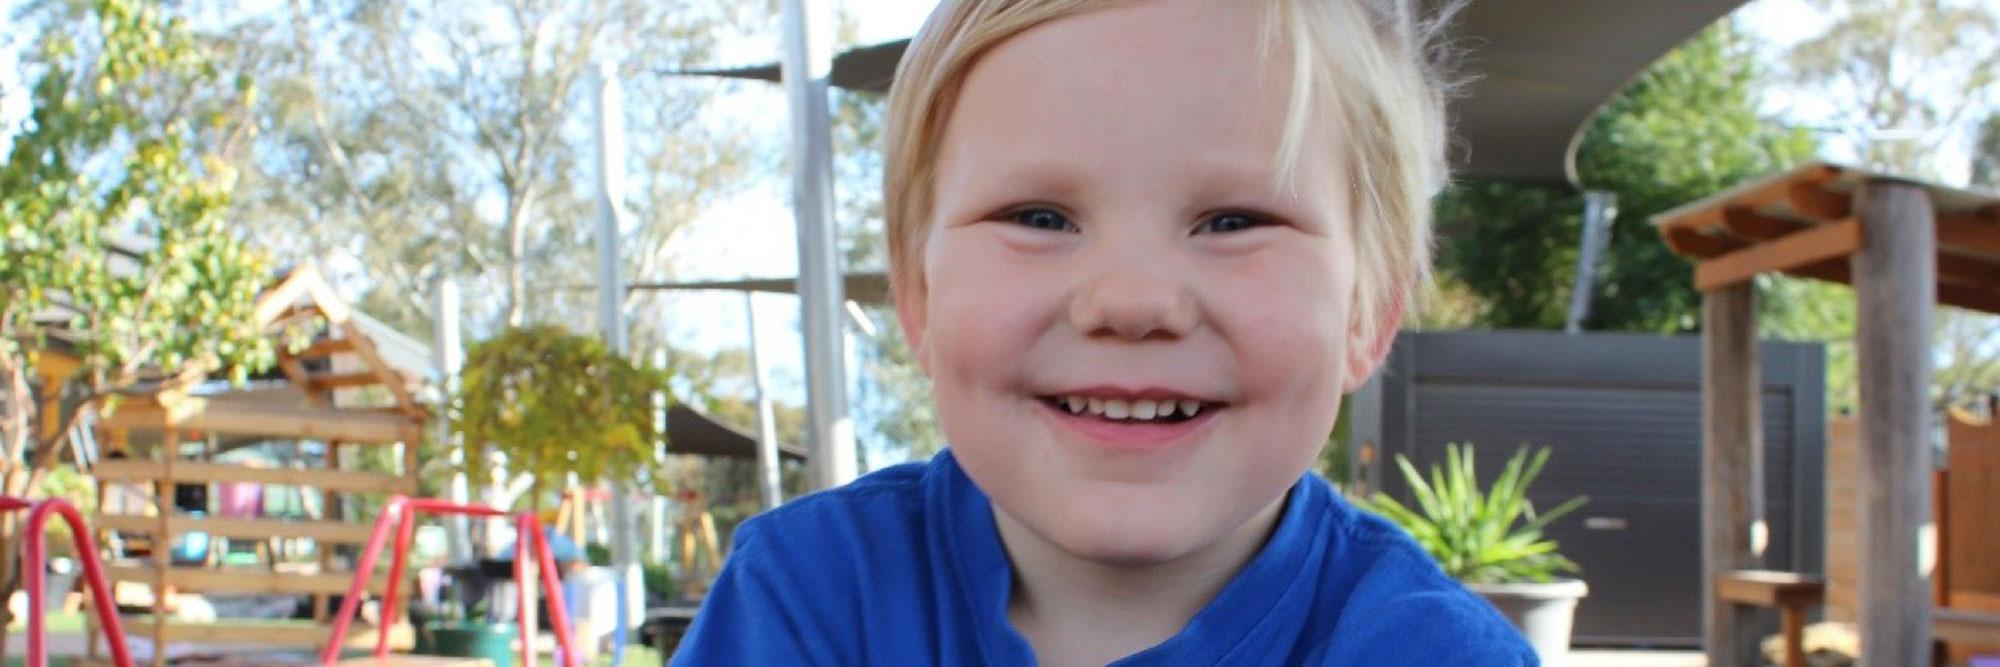 Happy child at the playground.